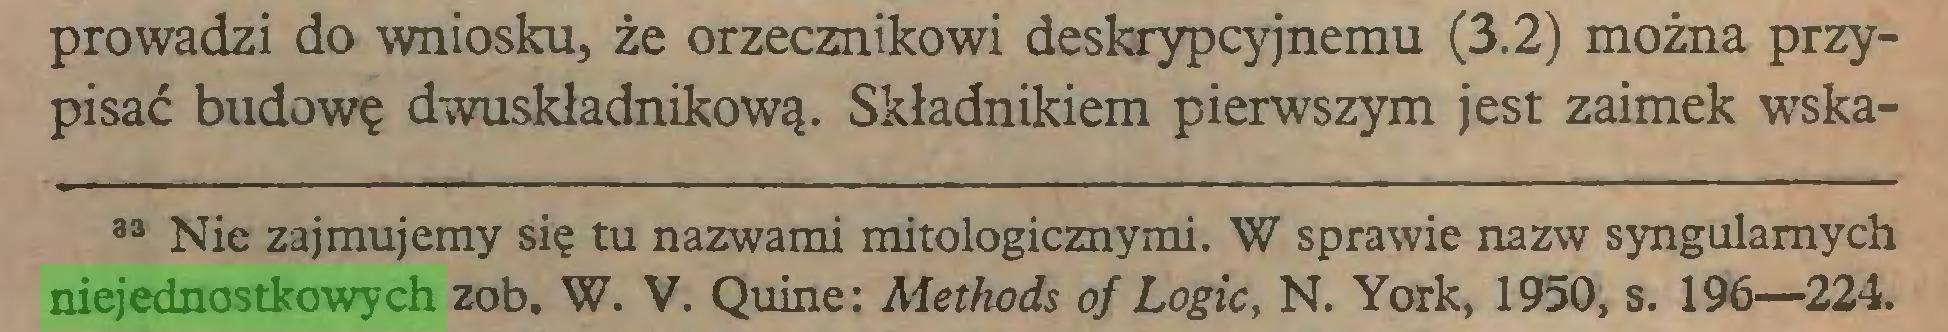 (...) prowadzi do wniosku, że orzecznikowi deskrypcyjnemu (3.2) można przypisać budowę dwuskładnikową. Składnikiem pierwszym jest zaimek wska33 Nie zajmujemy się tu nazwami mitologicznymi. W sprawie nazw syngulamych niejednostkowych zob. W. V. Quine: Methods of Logic, N. York, 1950, s. 196—224...